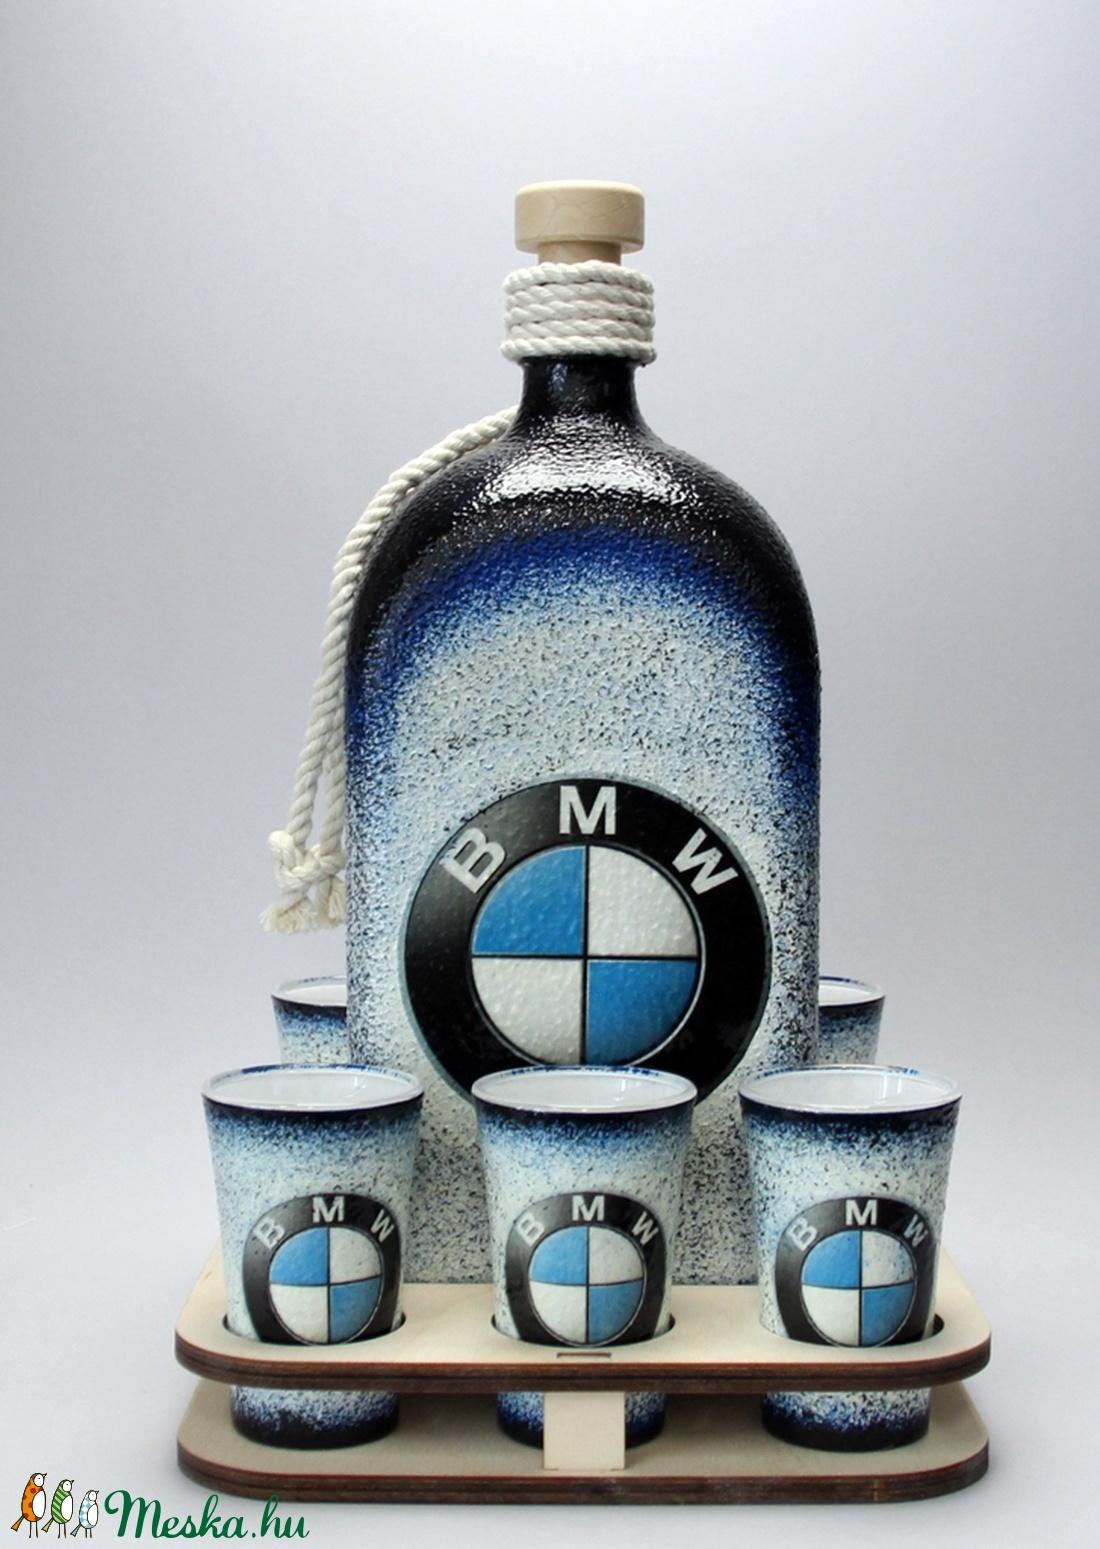 BMW emblémával díszített italos szett (1 l-es üveg+6x45ml pohár+fatartó)a márka szerelmeseinek - férjeknek -barátoknak  (decorfantasy) - Meska.hu